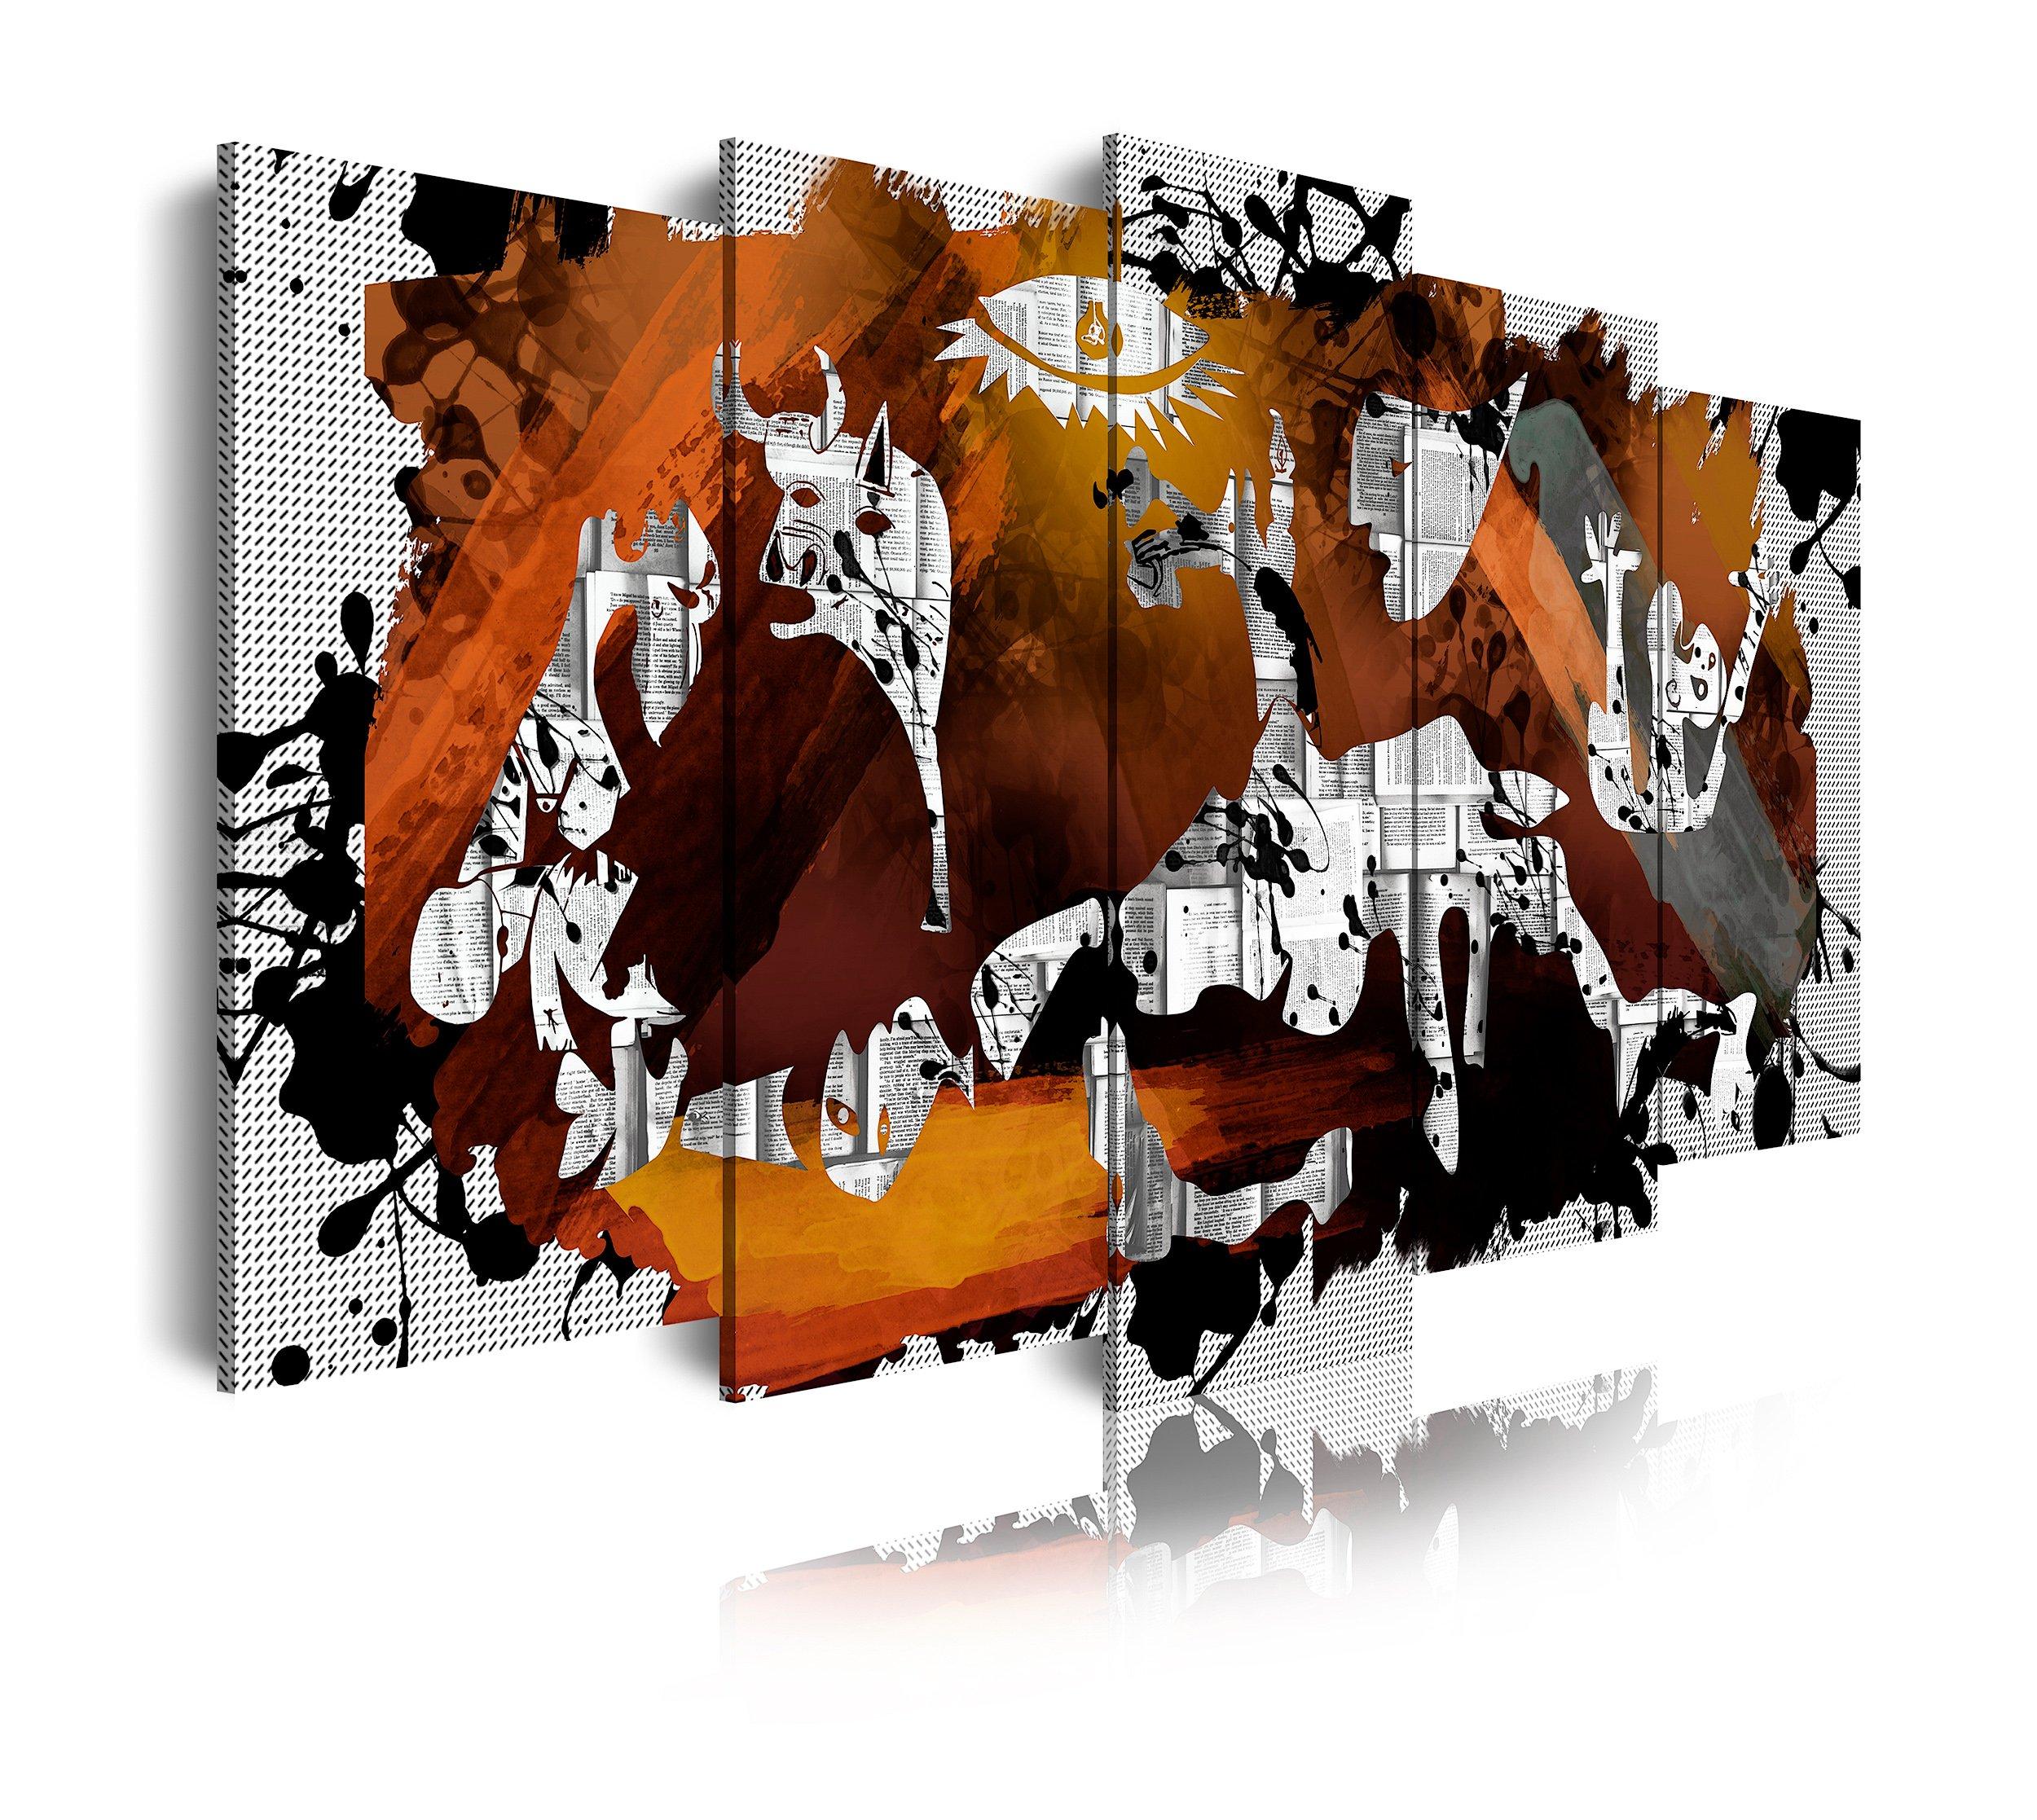 DekoArte 428 - Cuadros Modernos Impresión de Imagen Artística Digitalizada | Lienzo Decorativo para Tu Salón o Dormitorio | Estilo Abstractos Arte Picasso Guernica | 5 Piezas 200 x 100 cm XXL: Amazon.es: Hogar